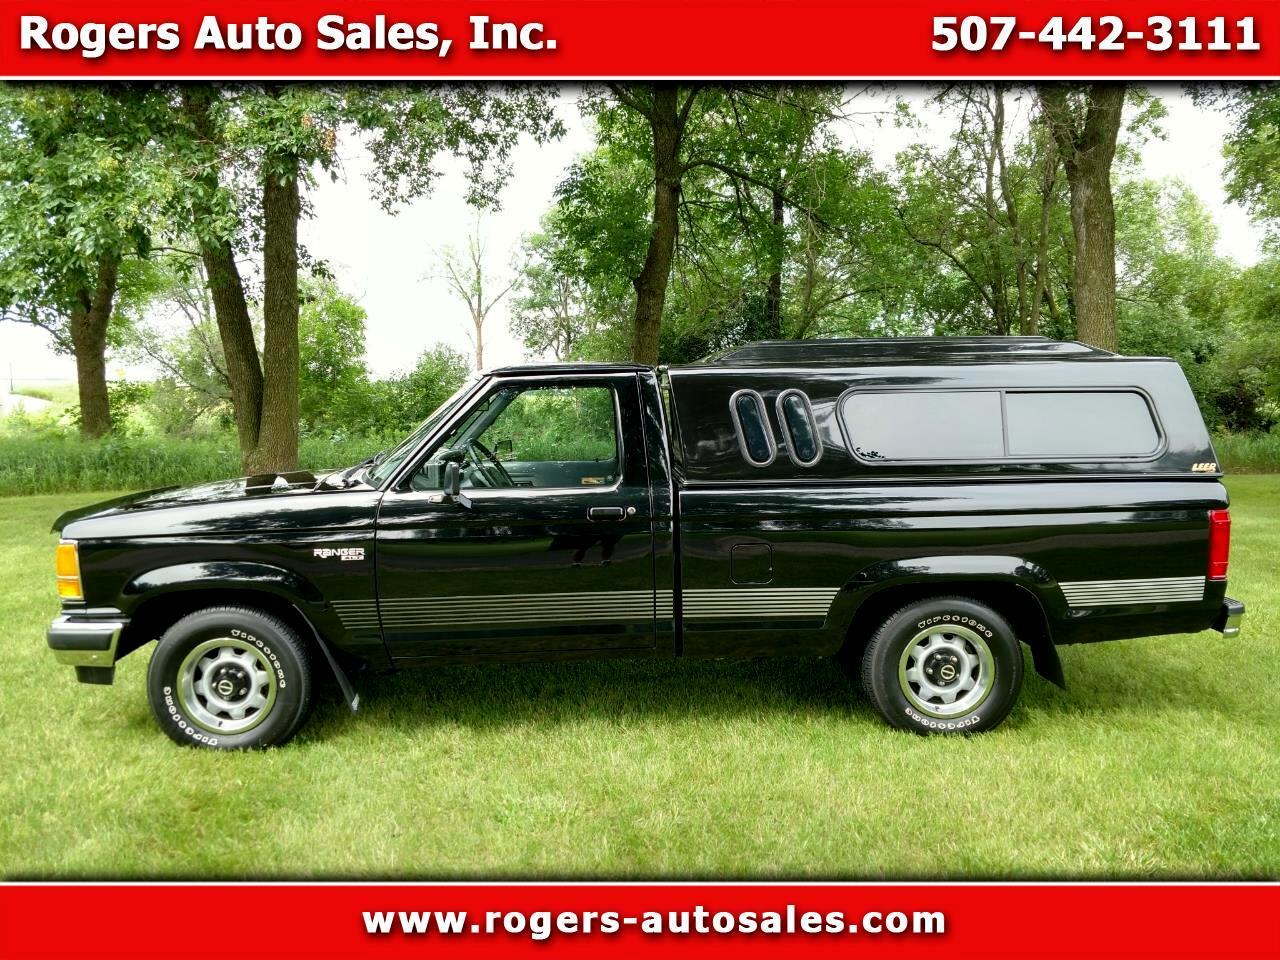 1991 Ford Ranger XLT 3.0 2WD